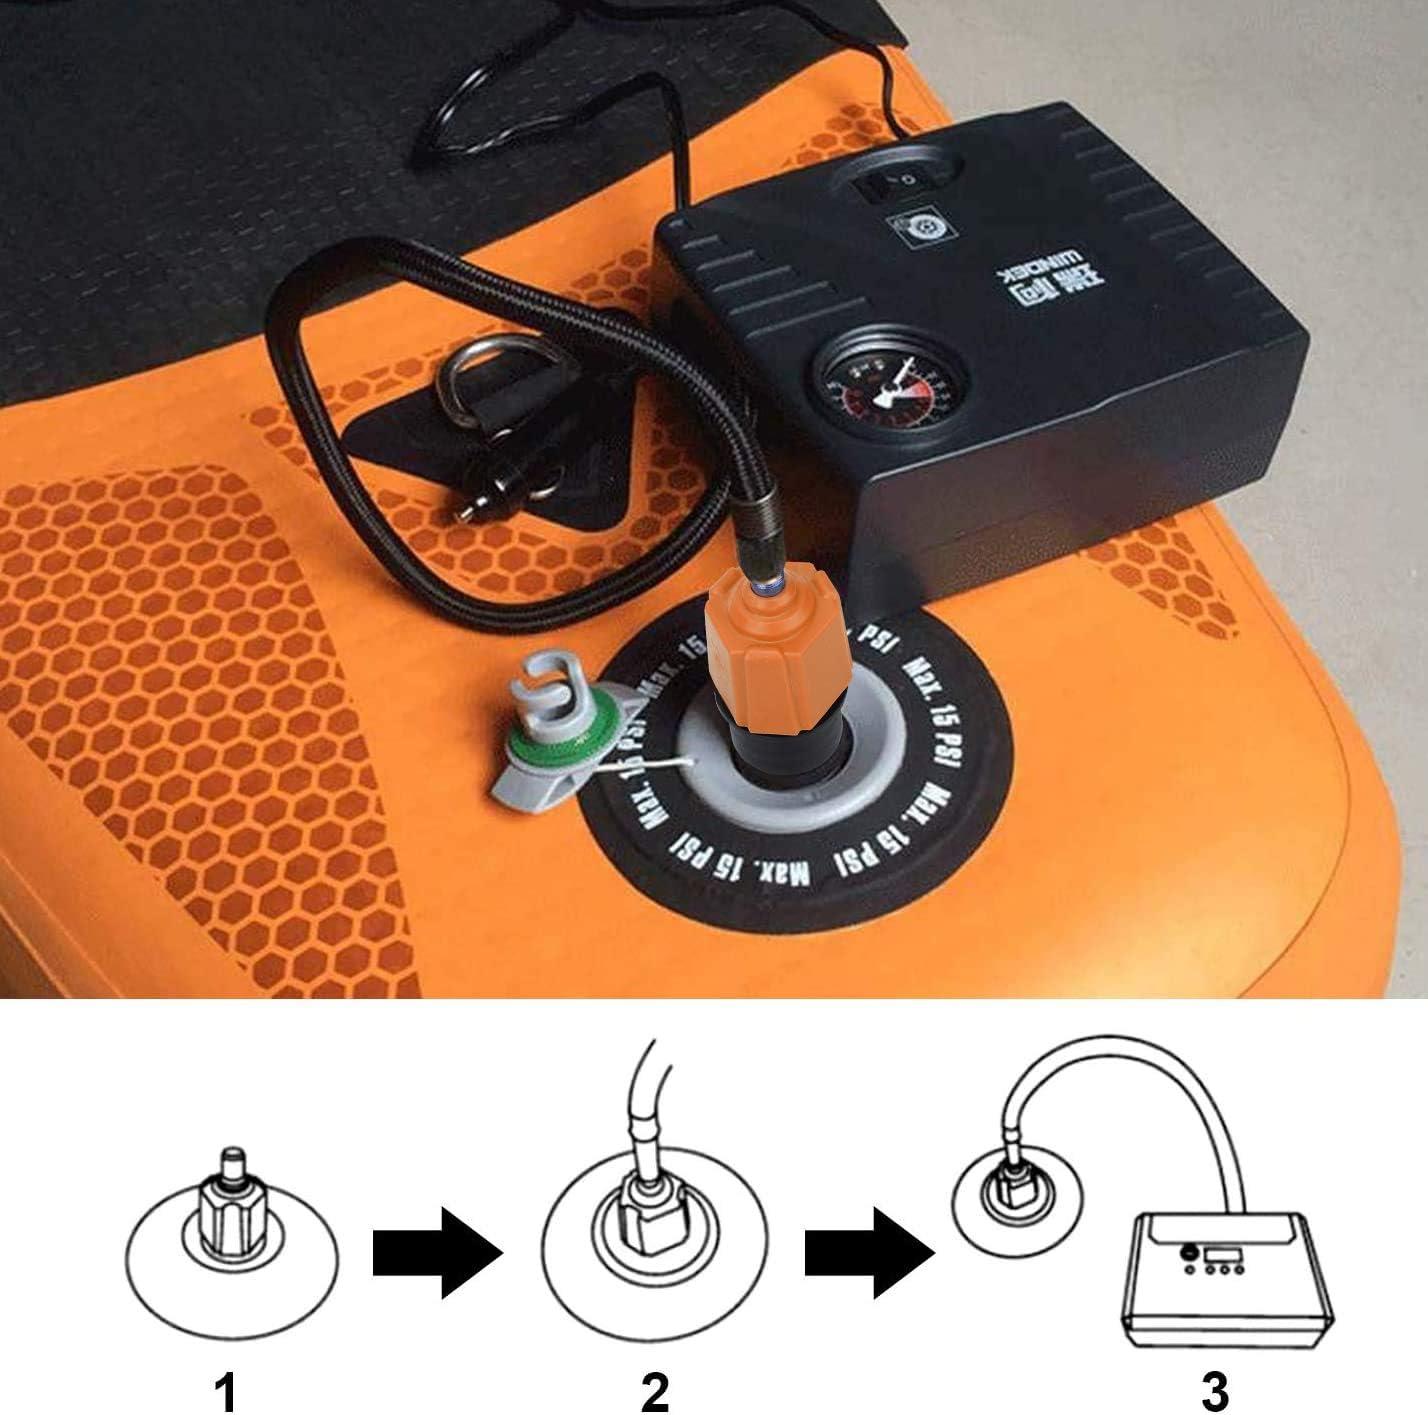 Gonflable Bateau Air Valve Adapter Standard Air Valve Adaptateur De pompage Connecteur de t/ête pour bateau gonflable QKURT Gonflable SUP Pump Adaptateur Air Pump Convertisseur Stand Up Paddle Board Dinghy